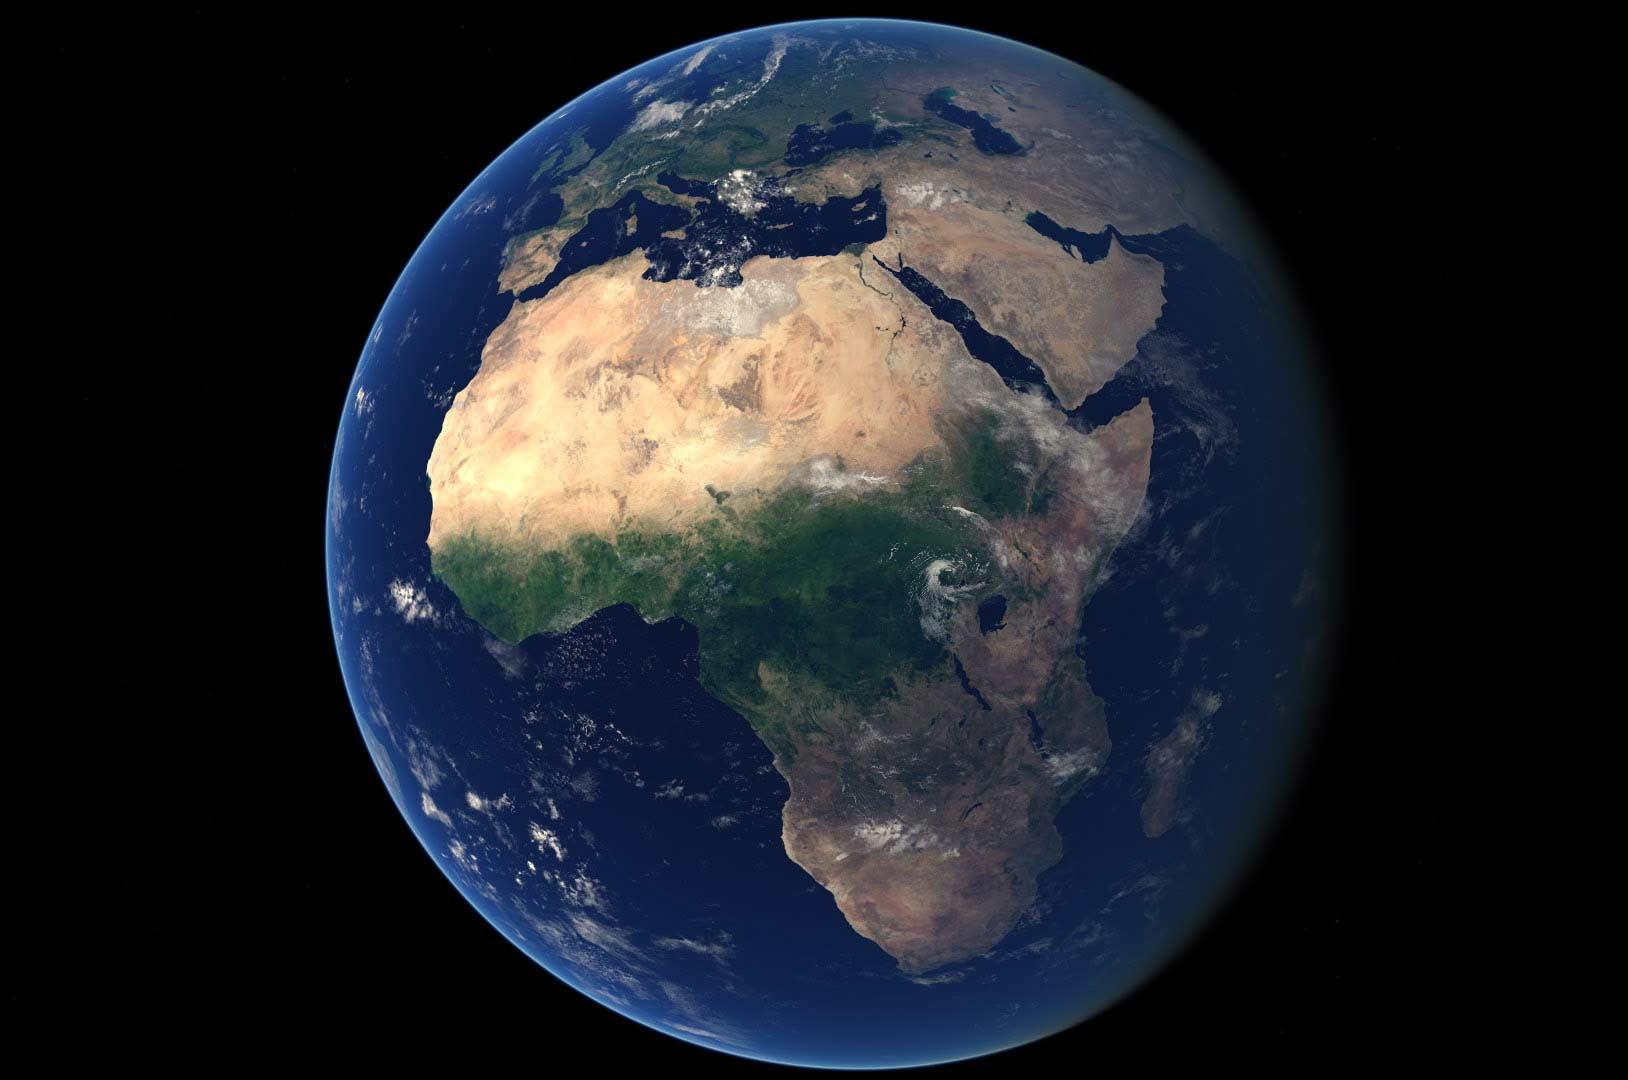 Обои мадагаскар, земля, африка. Космос foto 9